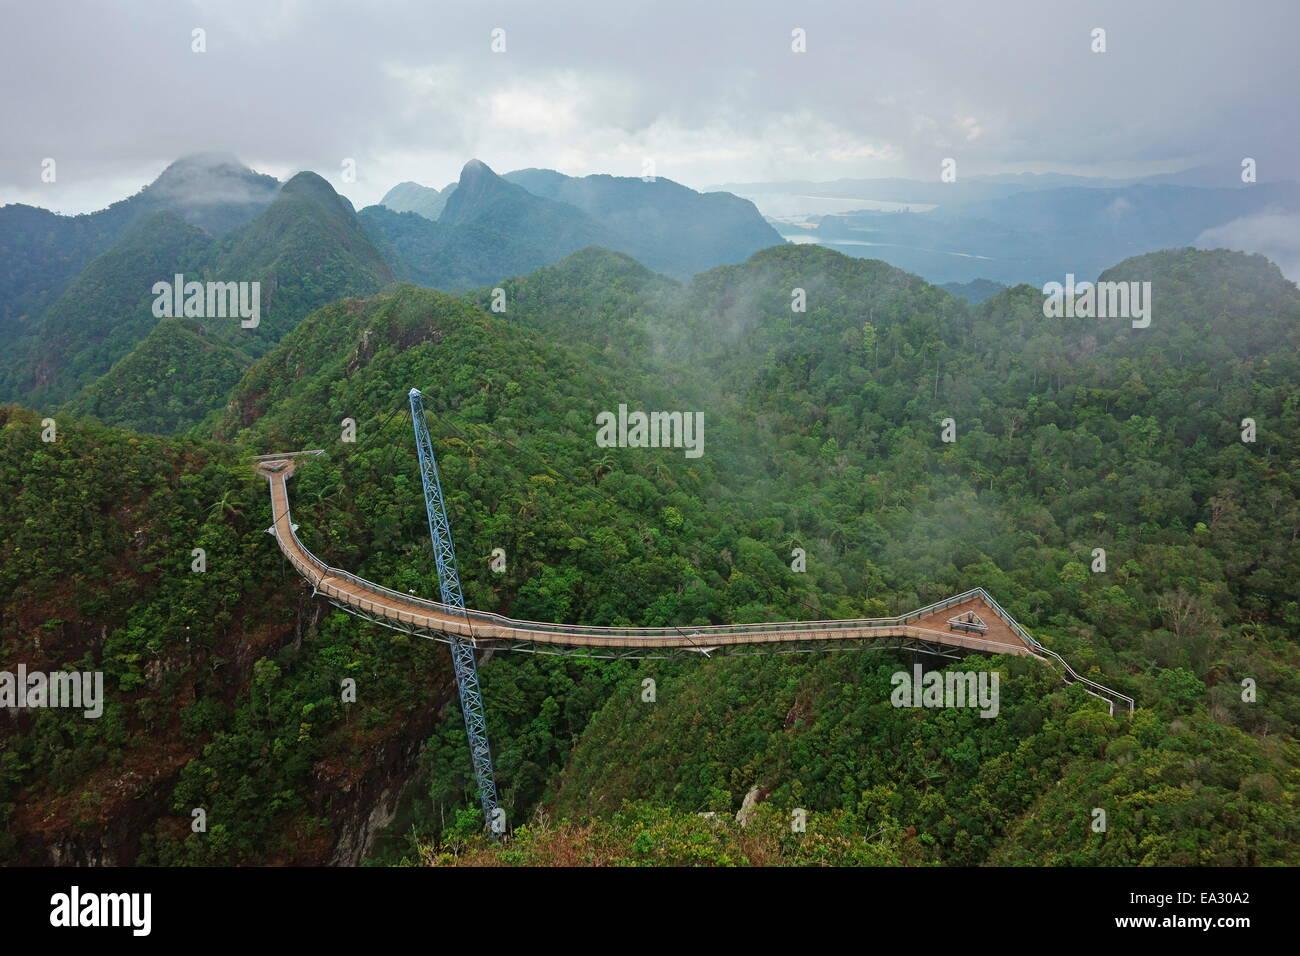 Skywalk, Gunung Machincang, Pulau Langkawi (Langkawi Island), Malaysia, Southeast Asia, Asia - Stock Image